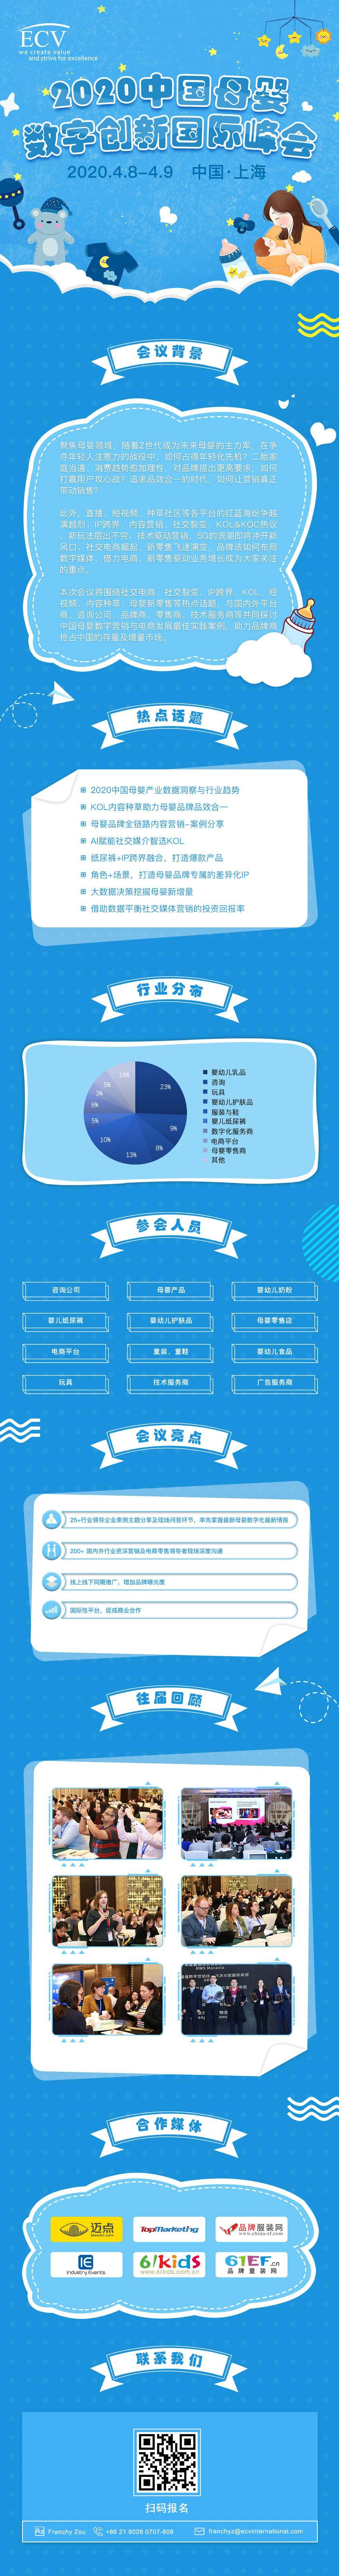 2M中文 (1).jpg